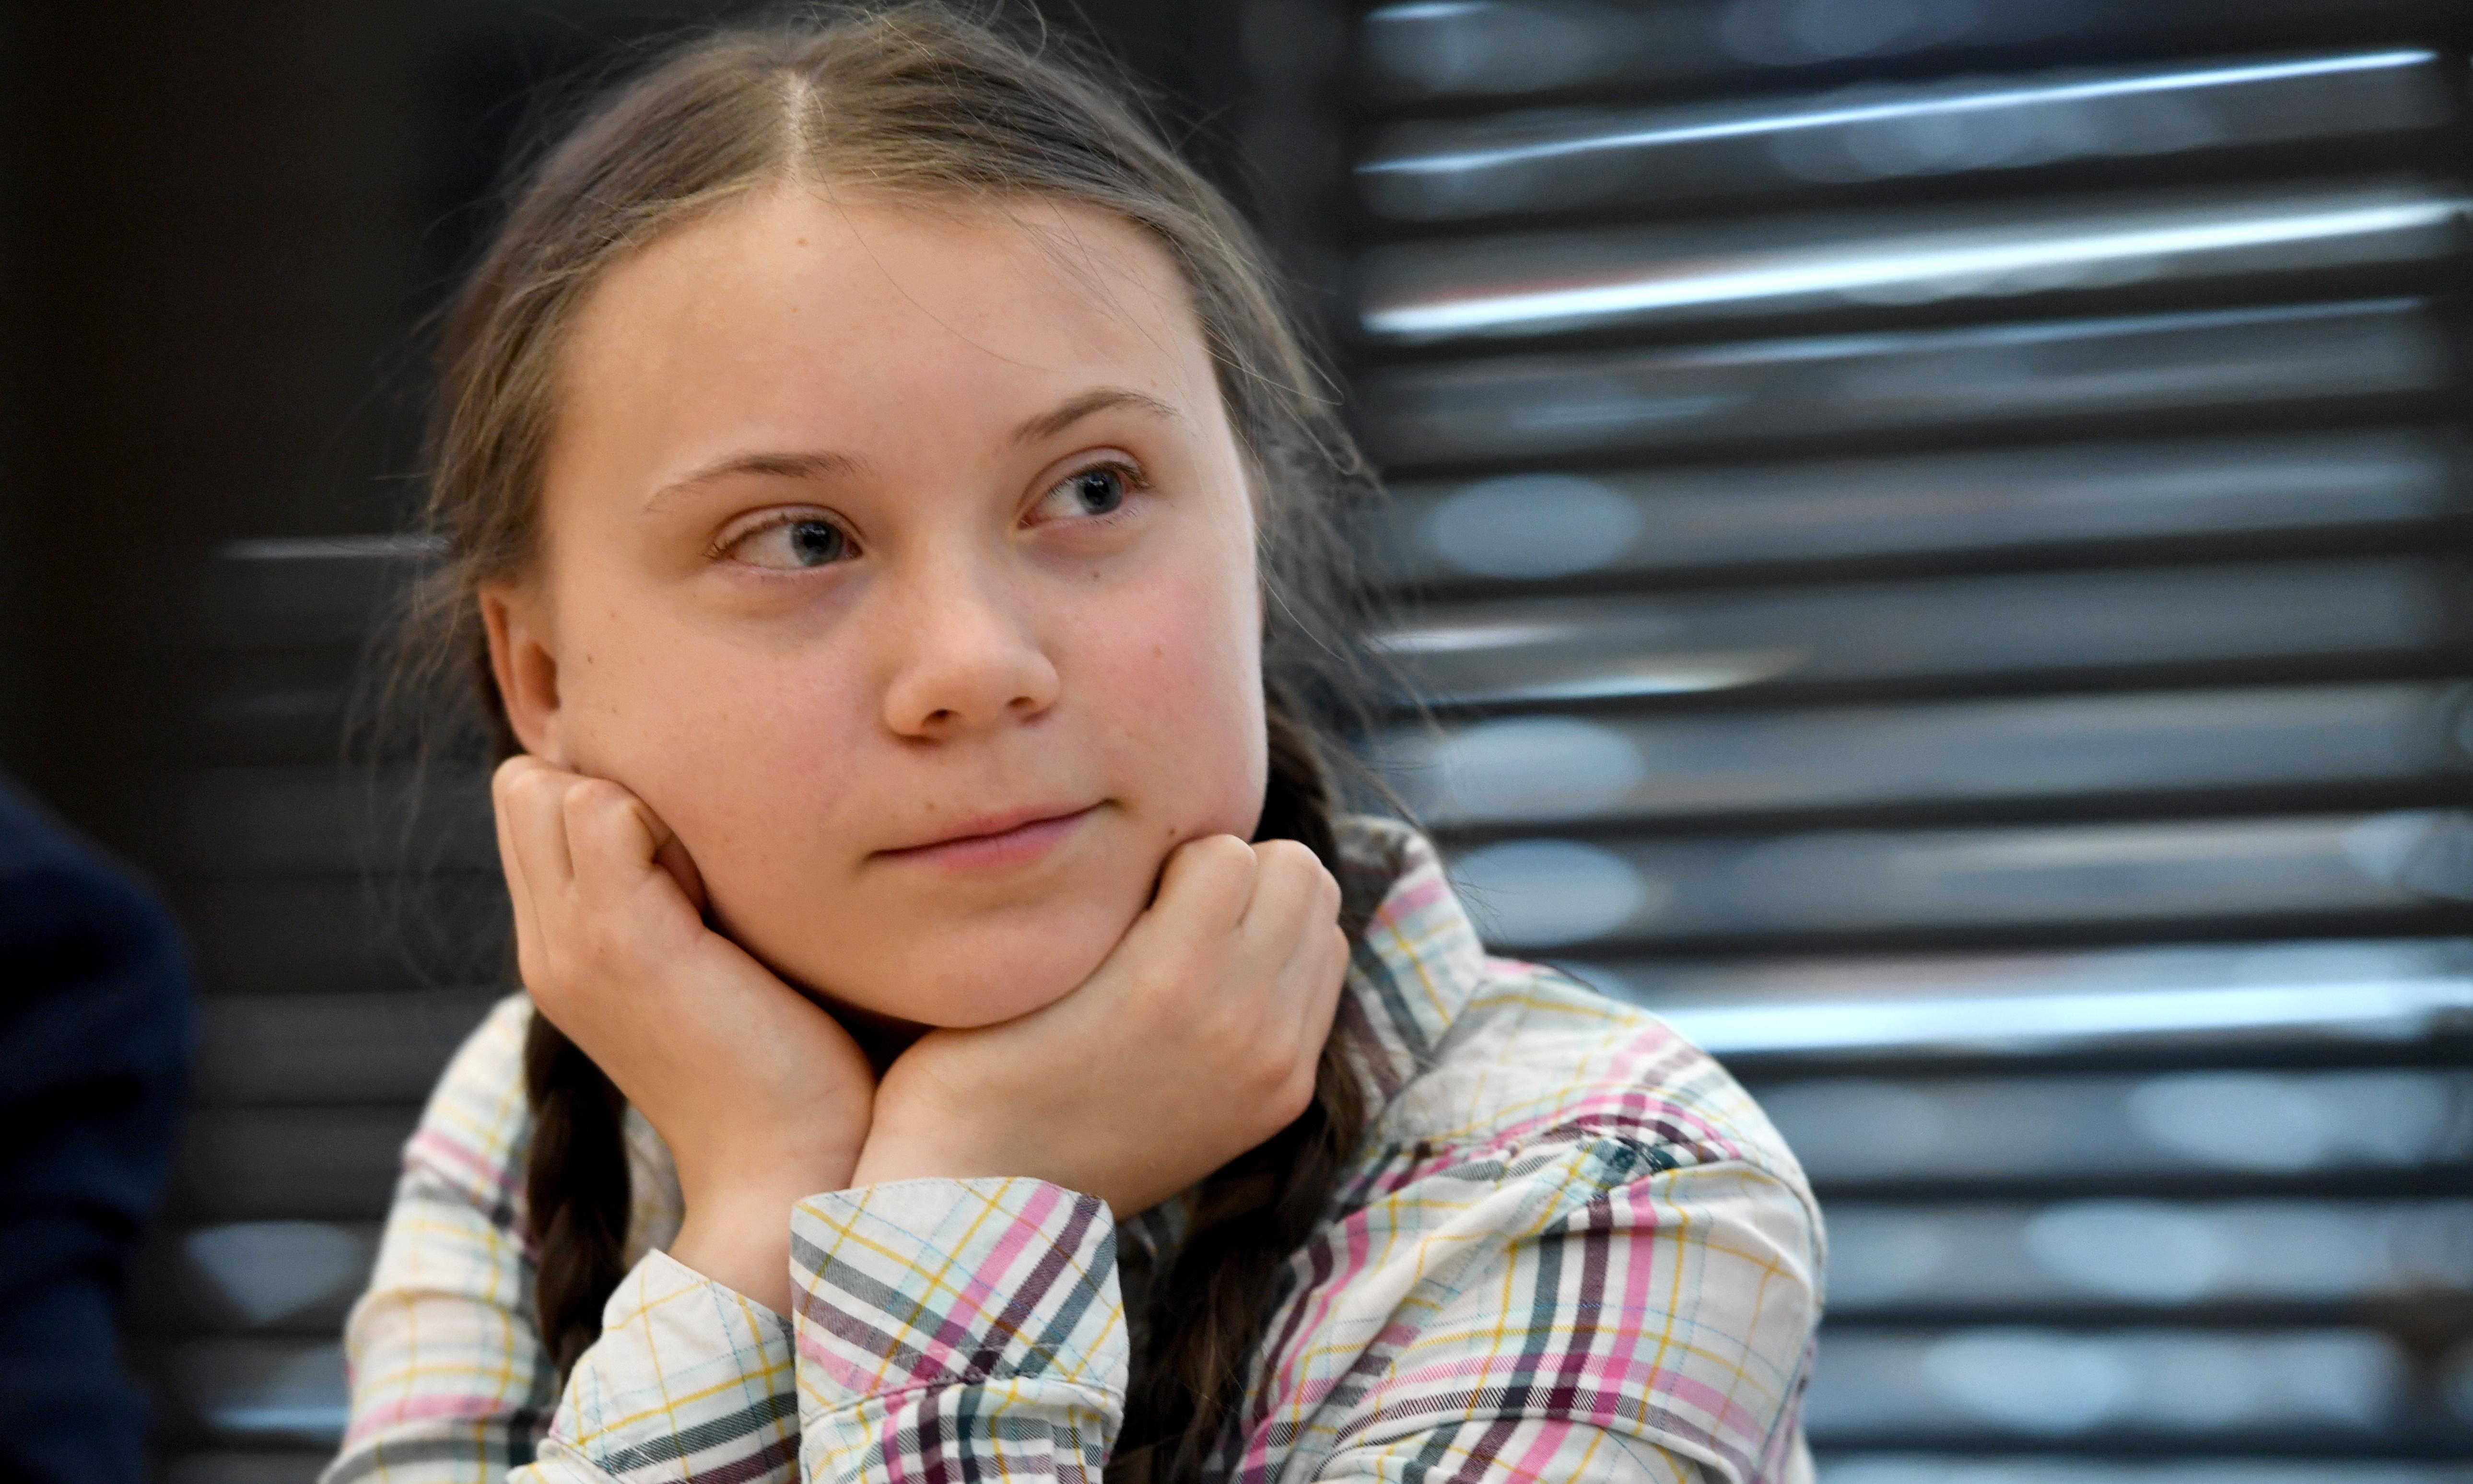 Like Greta Thunberg, I am on the autism spectrum. She gives me hope